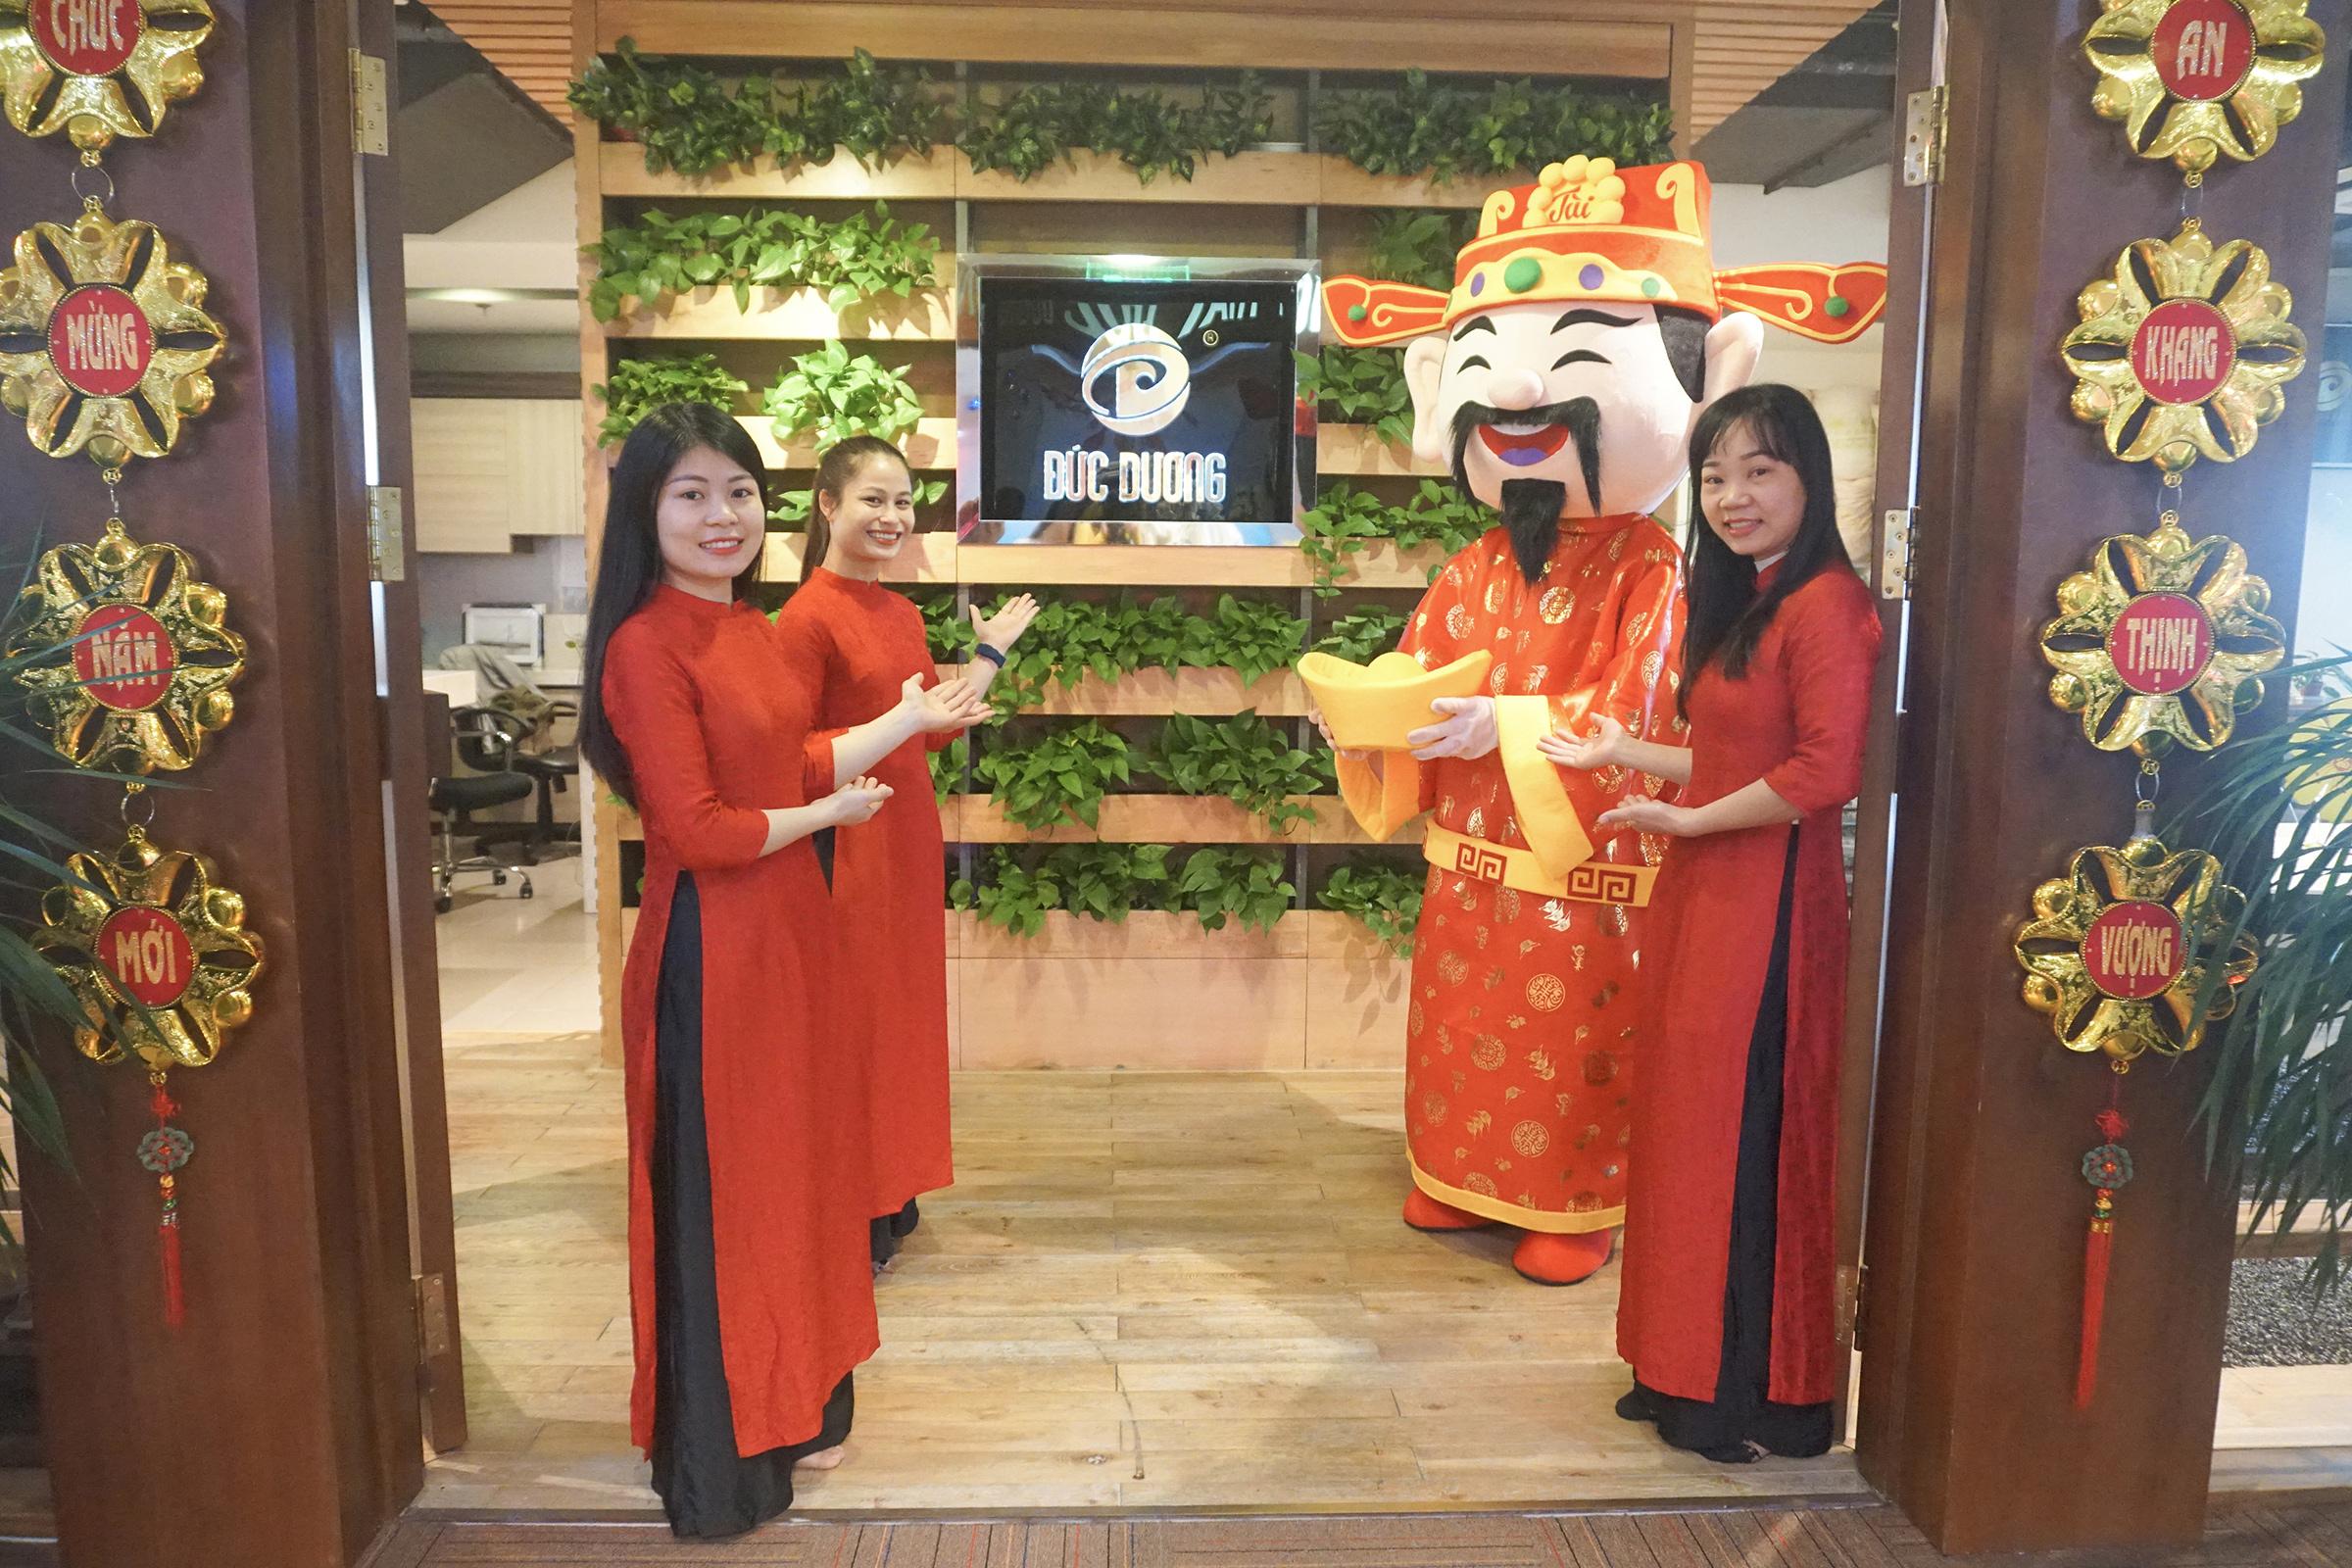 Giới thiệu Công ty TNHH thiết kế và trang trí nội ngoại thất Đức Dương